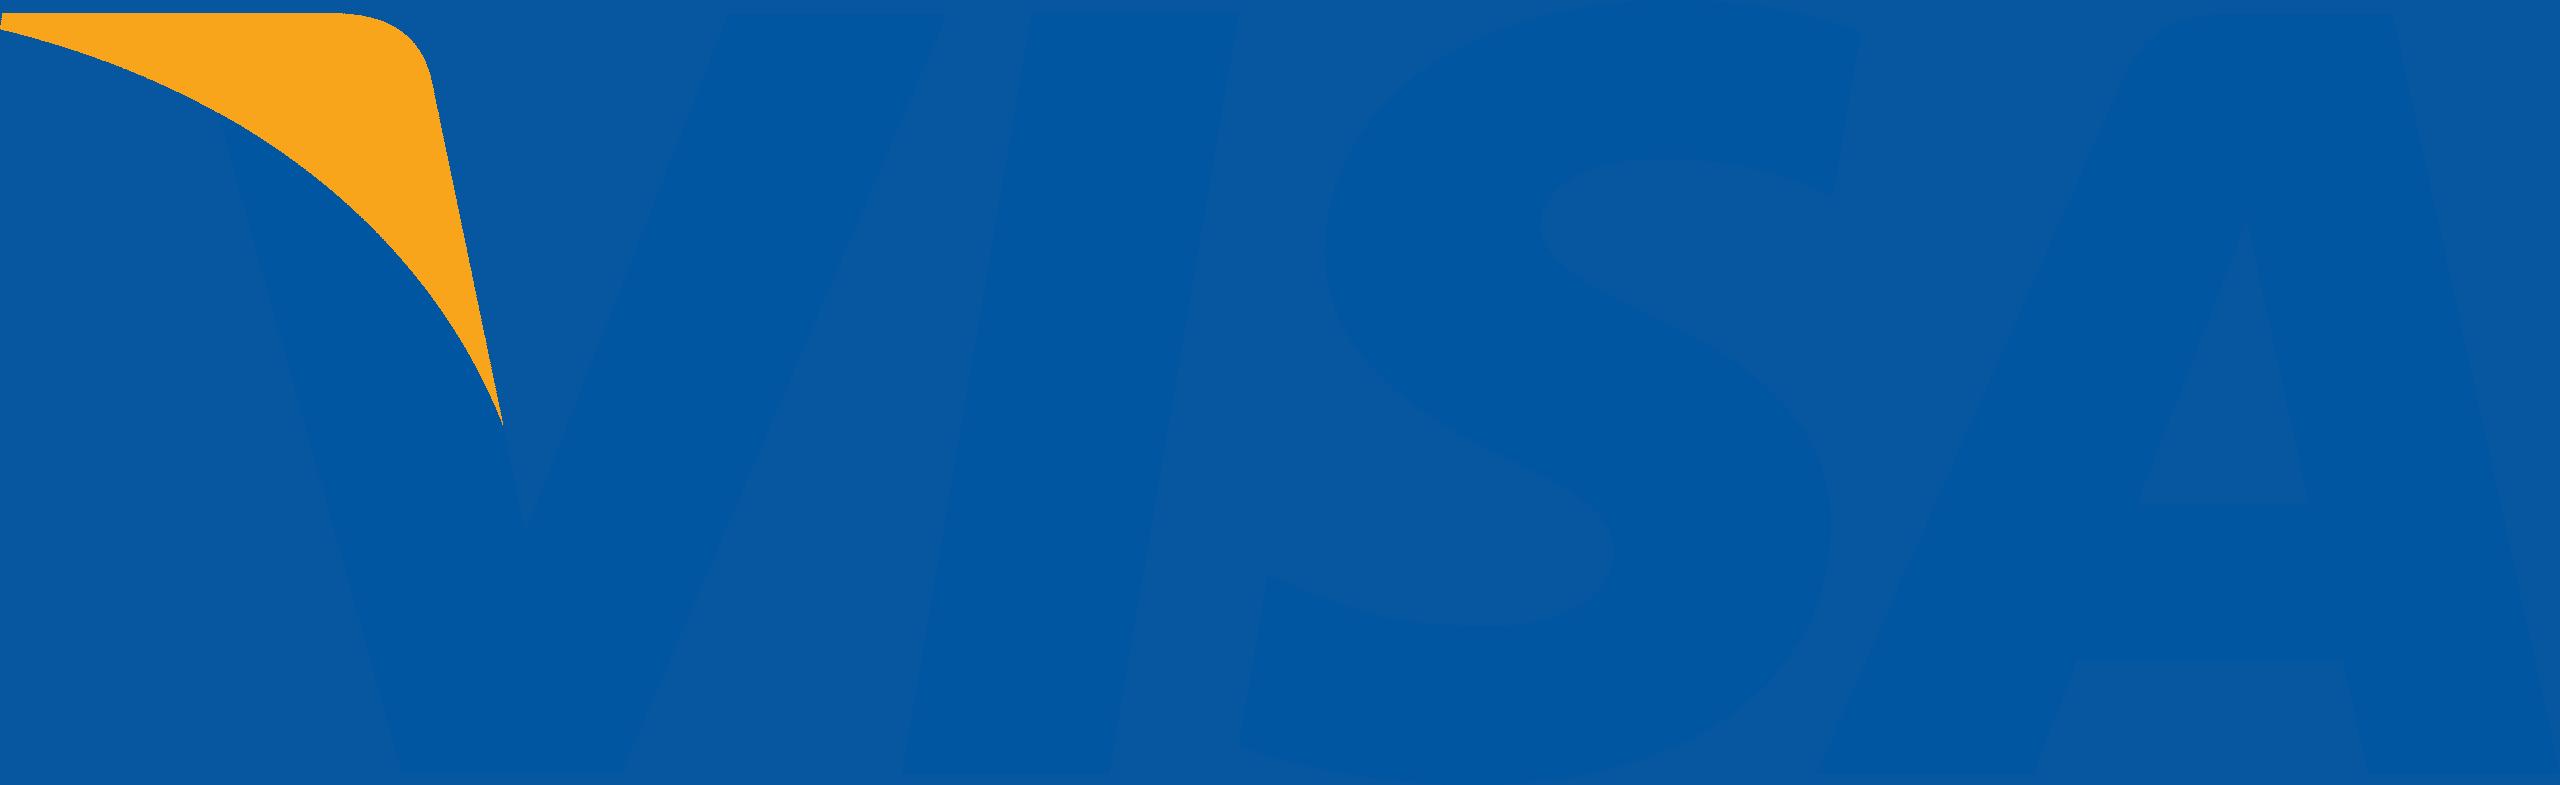 visa-logo-4